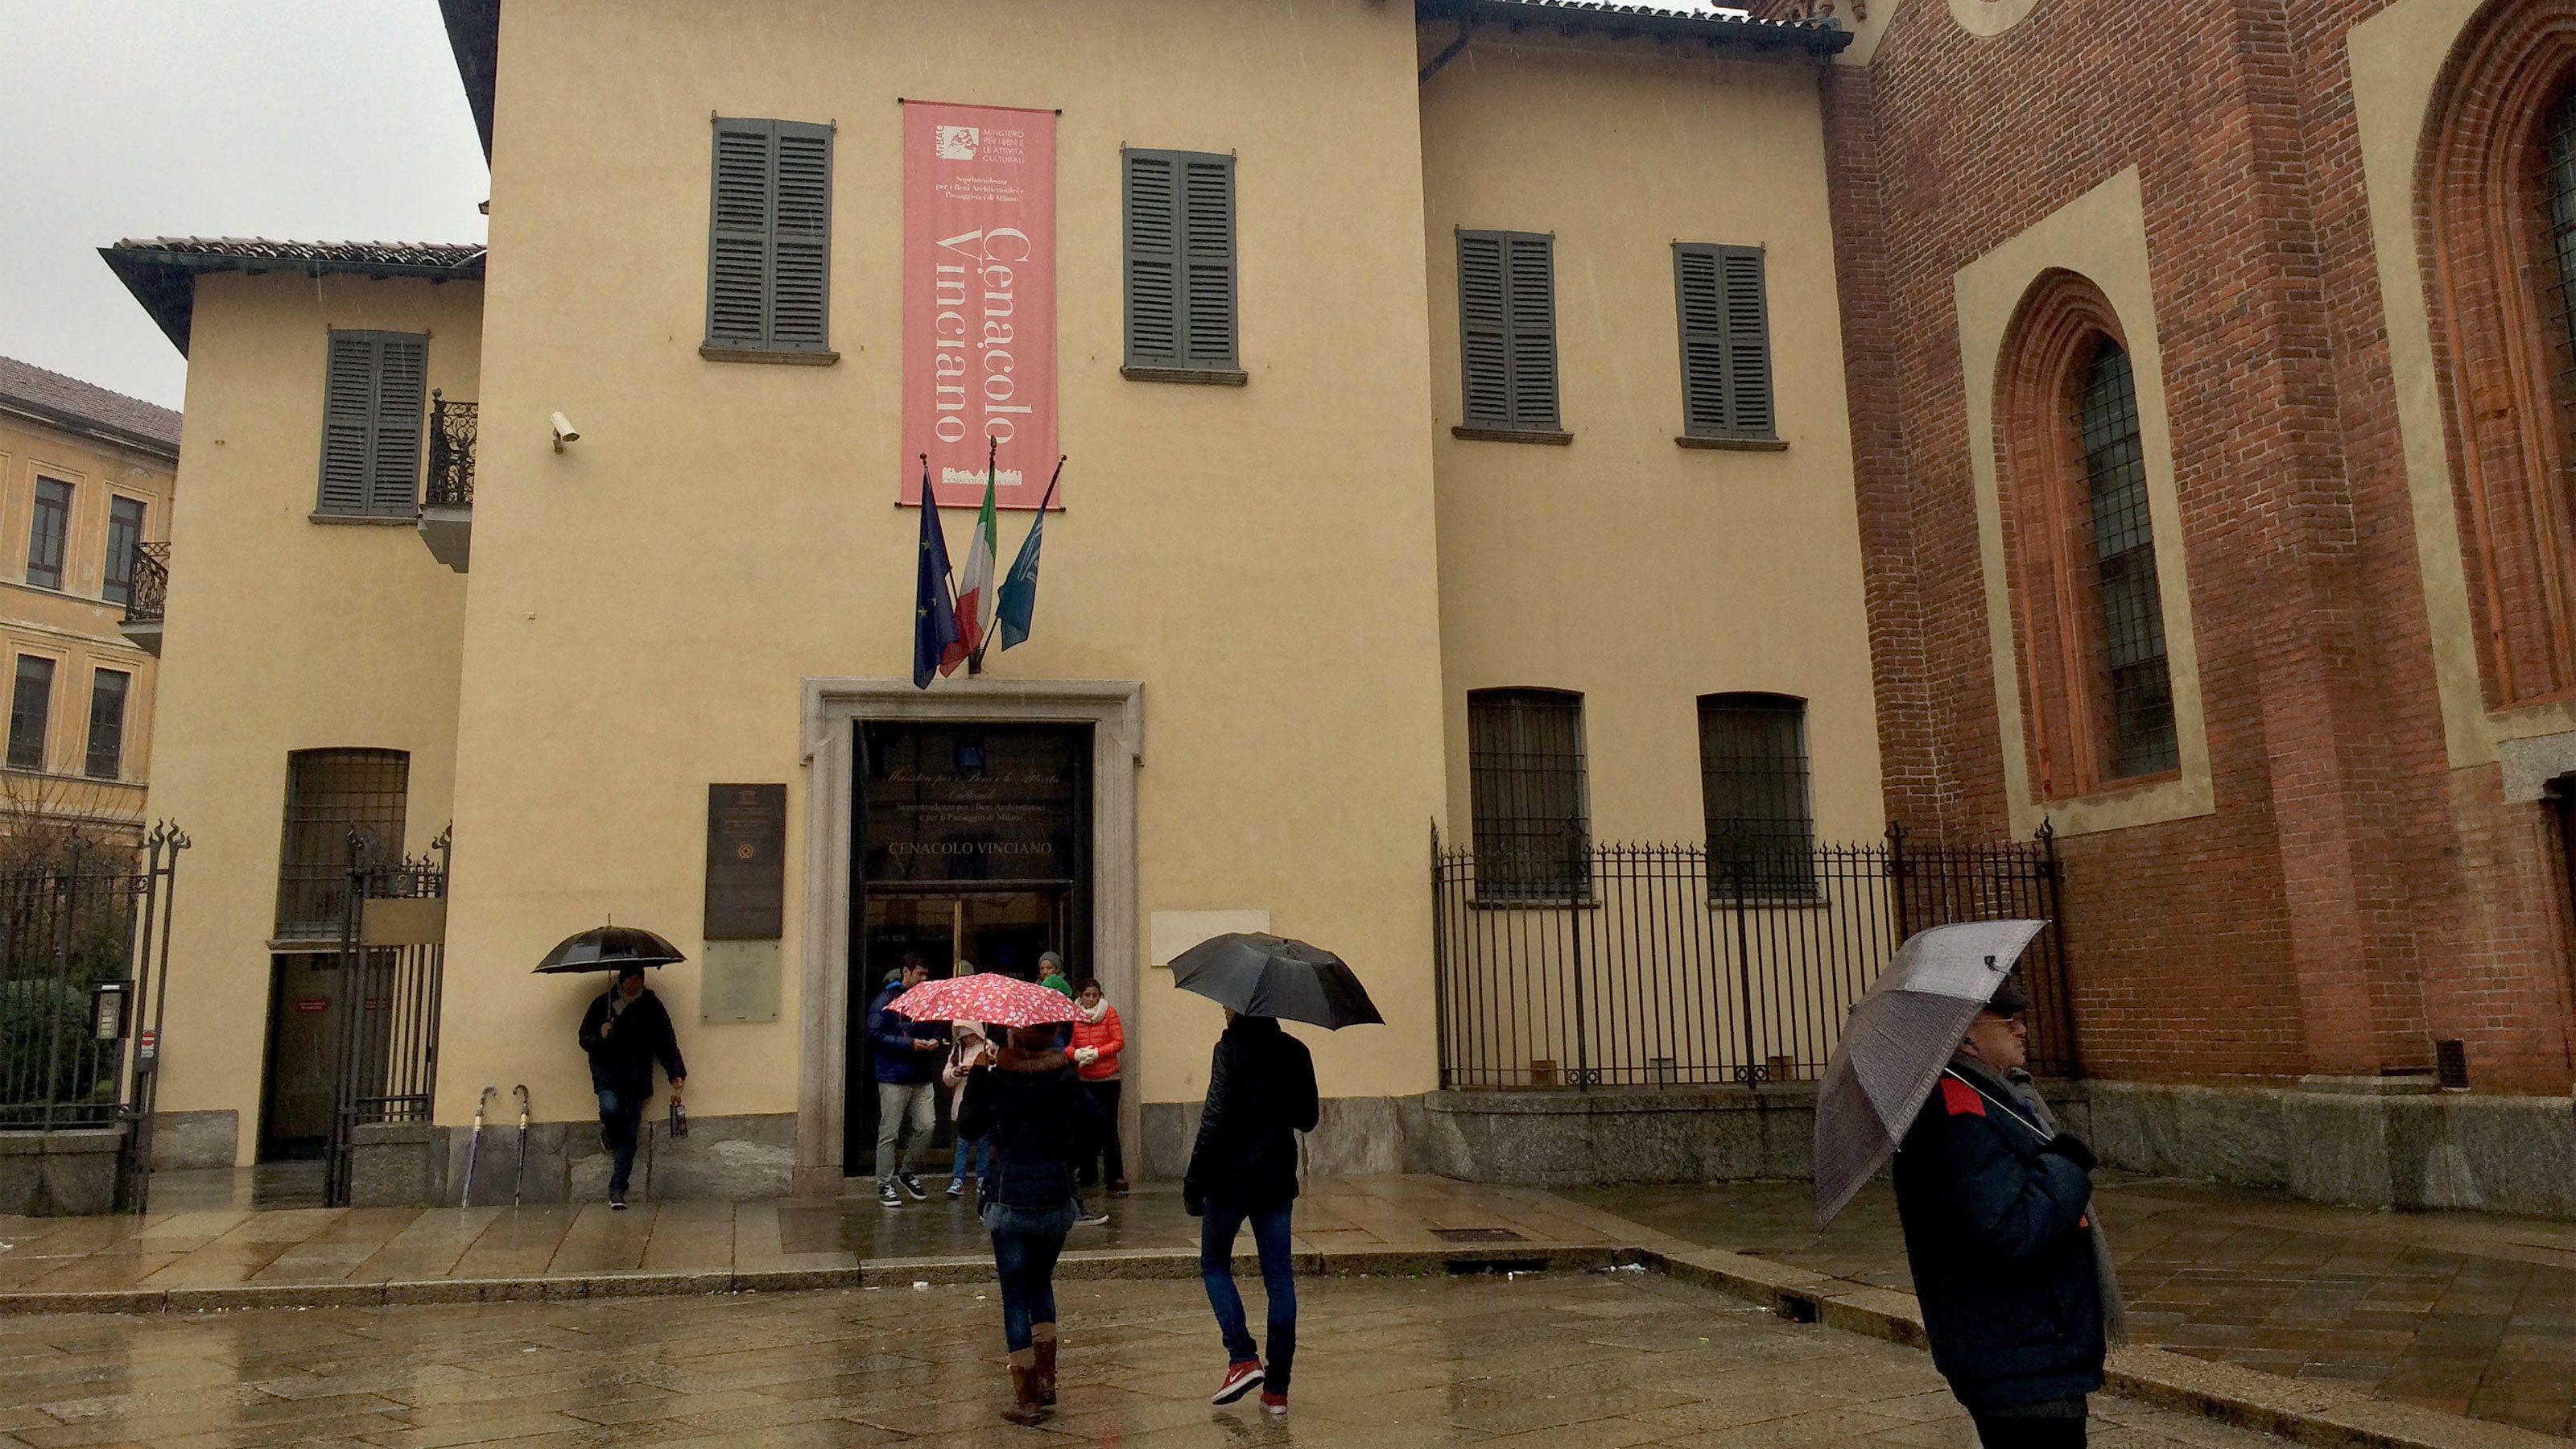 building entrance in Milan